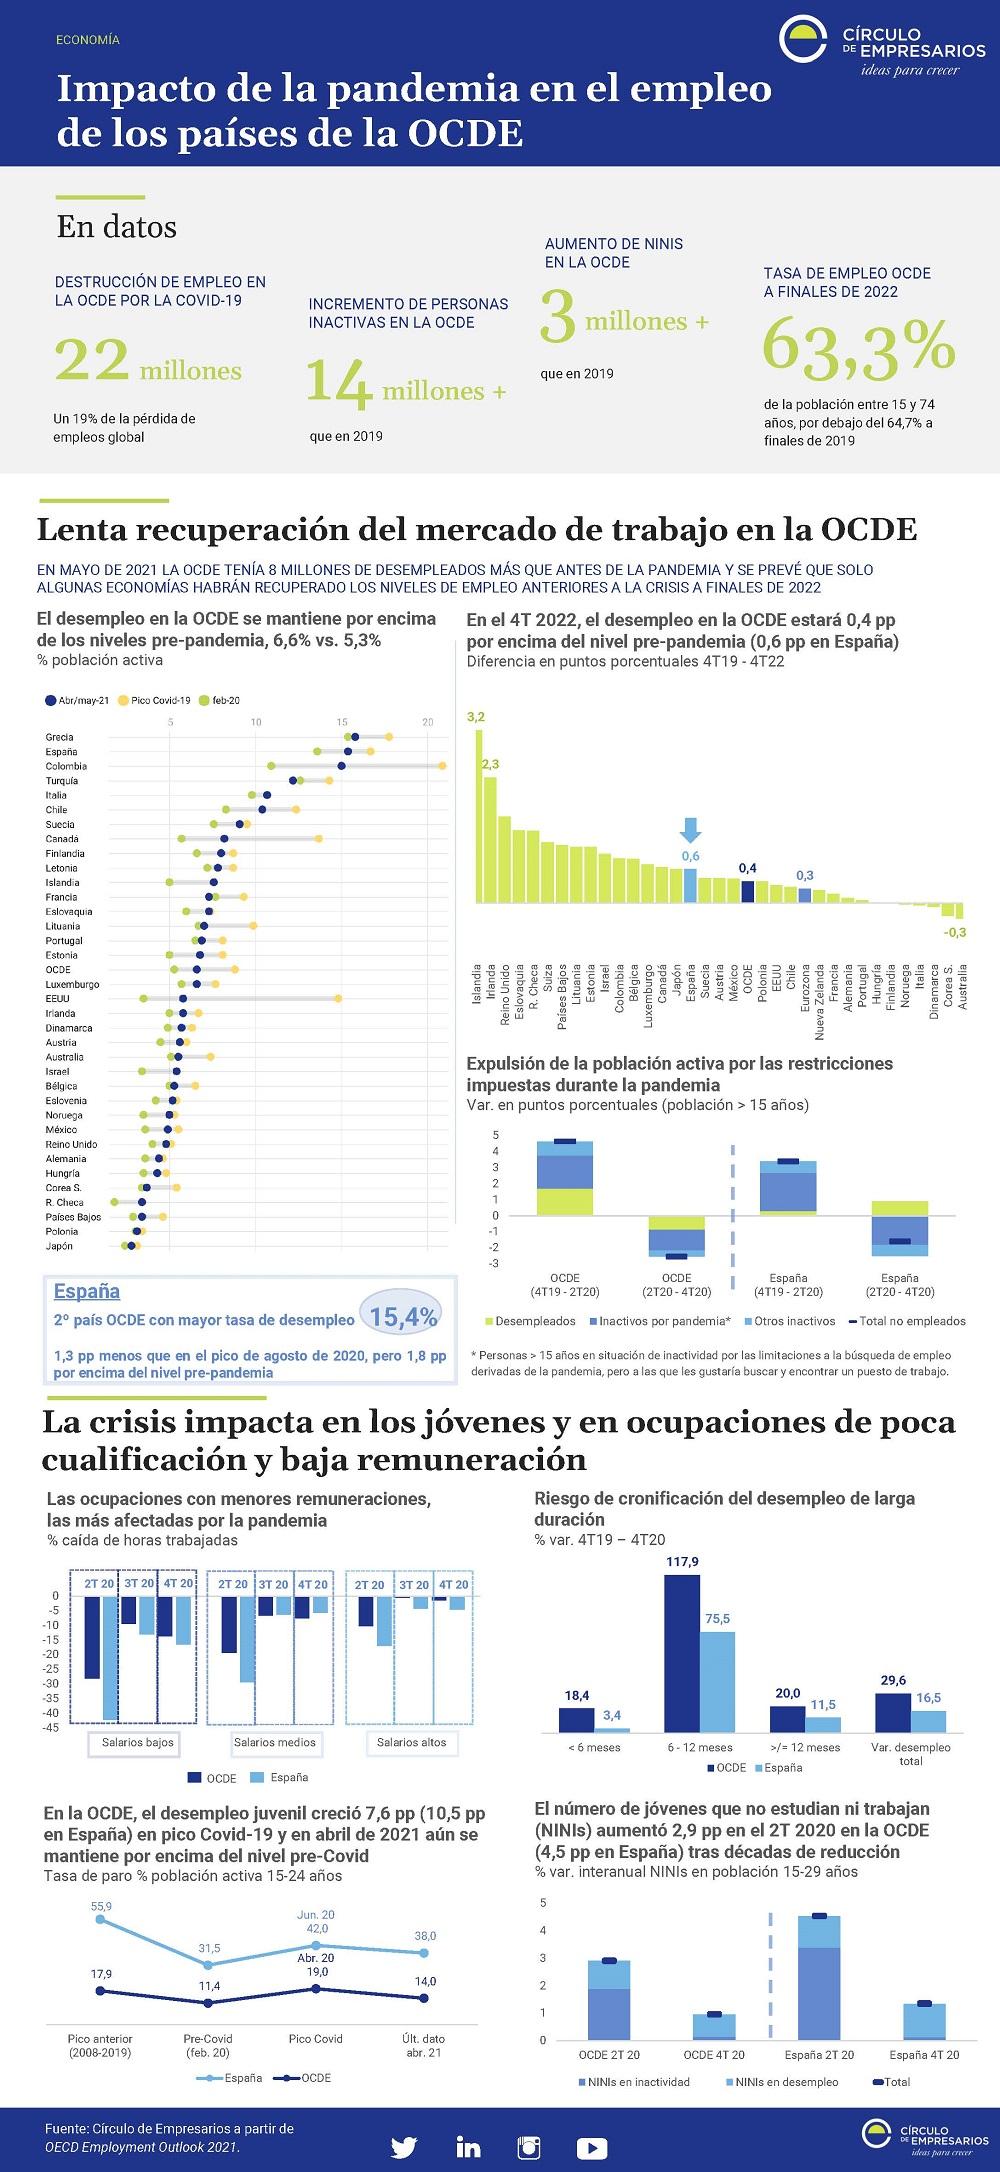 Impacto-de-la-pandemia-en-el-empleo-de-los-países-de-la-OCDE-julio-20201-Circulo-de-Empresarios